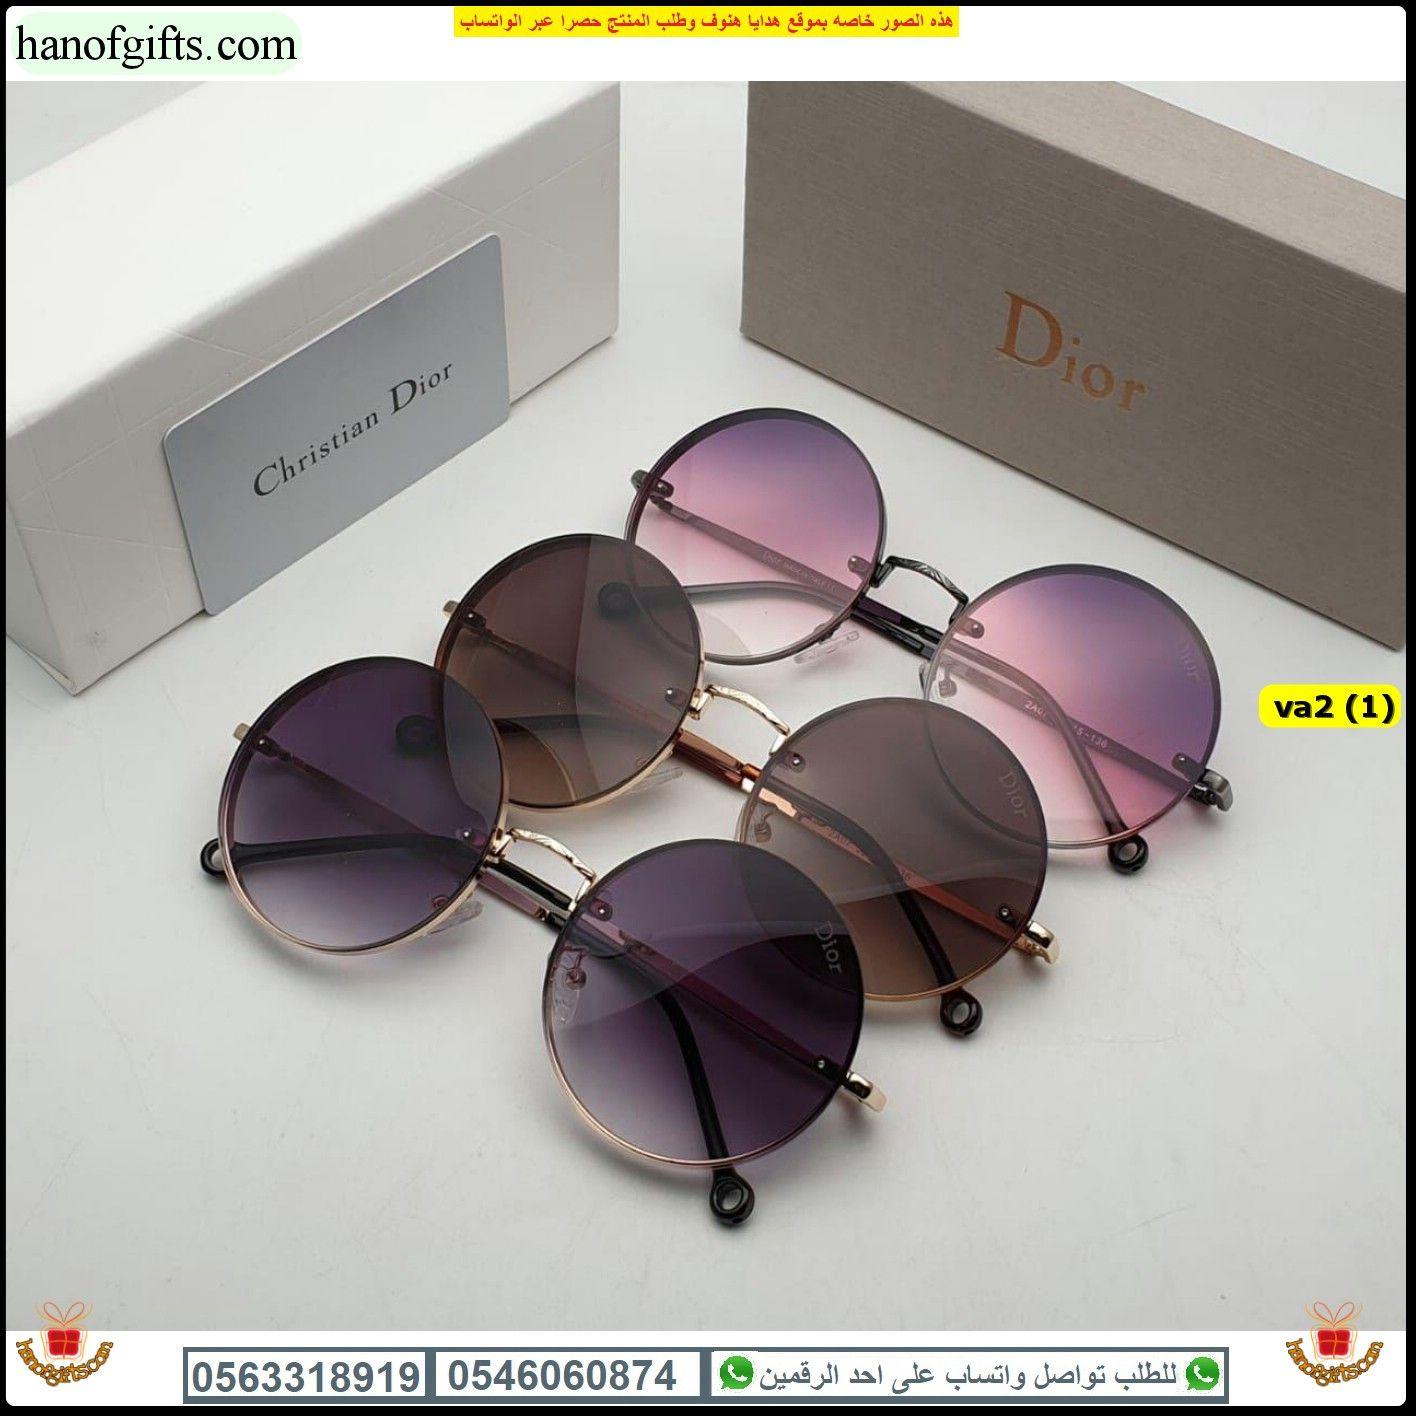 نظارات ديور نسائي Dior درجه اولى مع كامل ملحقاتها و بنفس الاسم هدايا هنوف Oval Sunglass Glasses Sunglasses